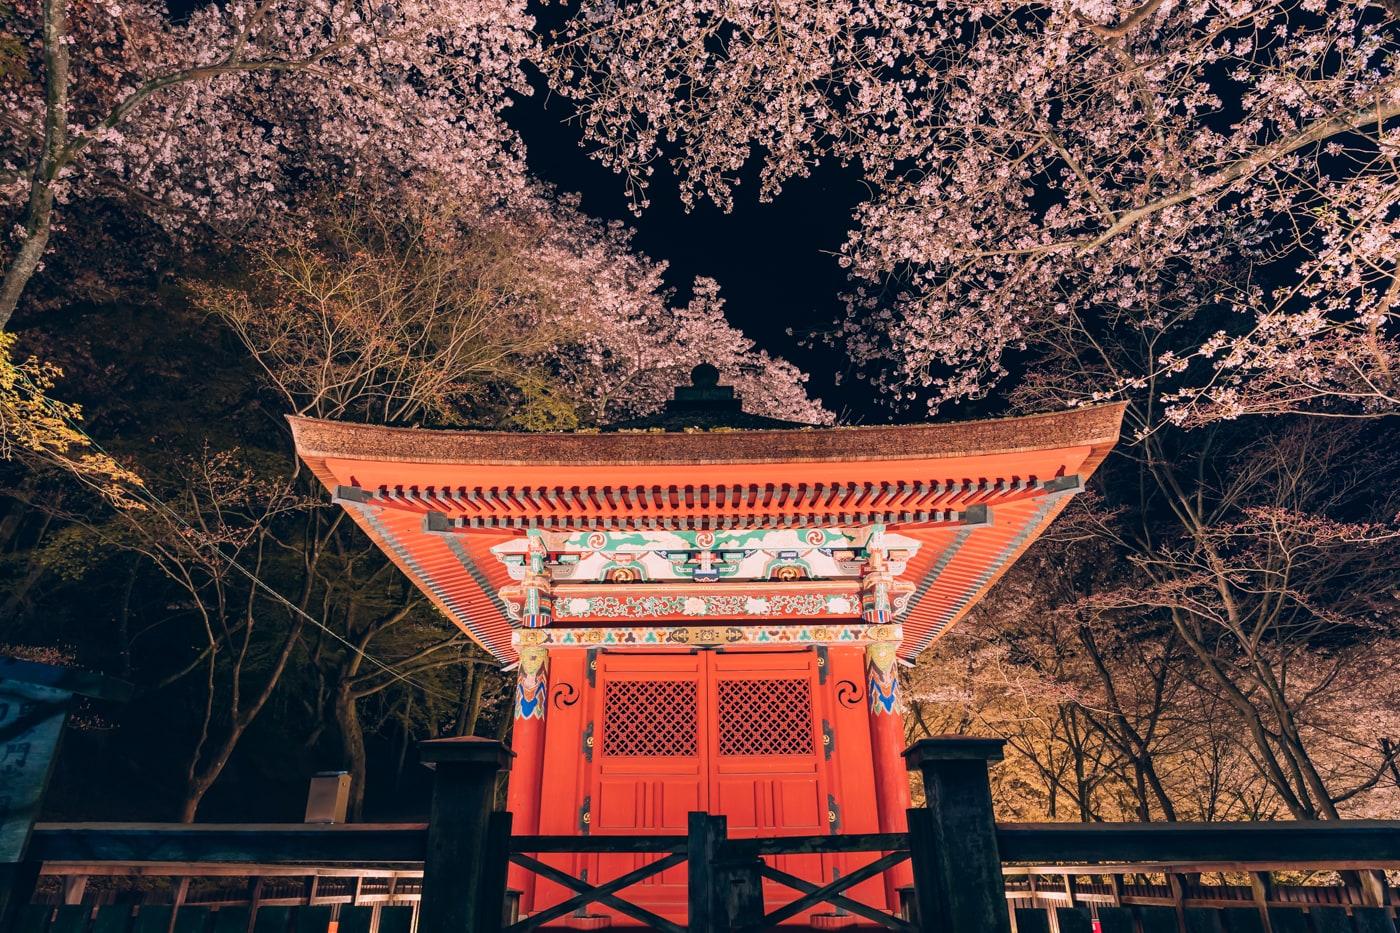 三井寺毘沙門堂と夜桜のライトアップ